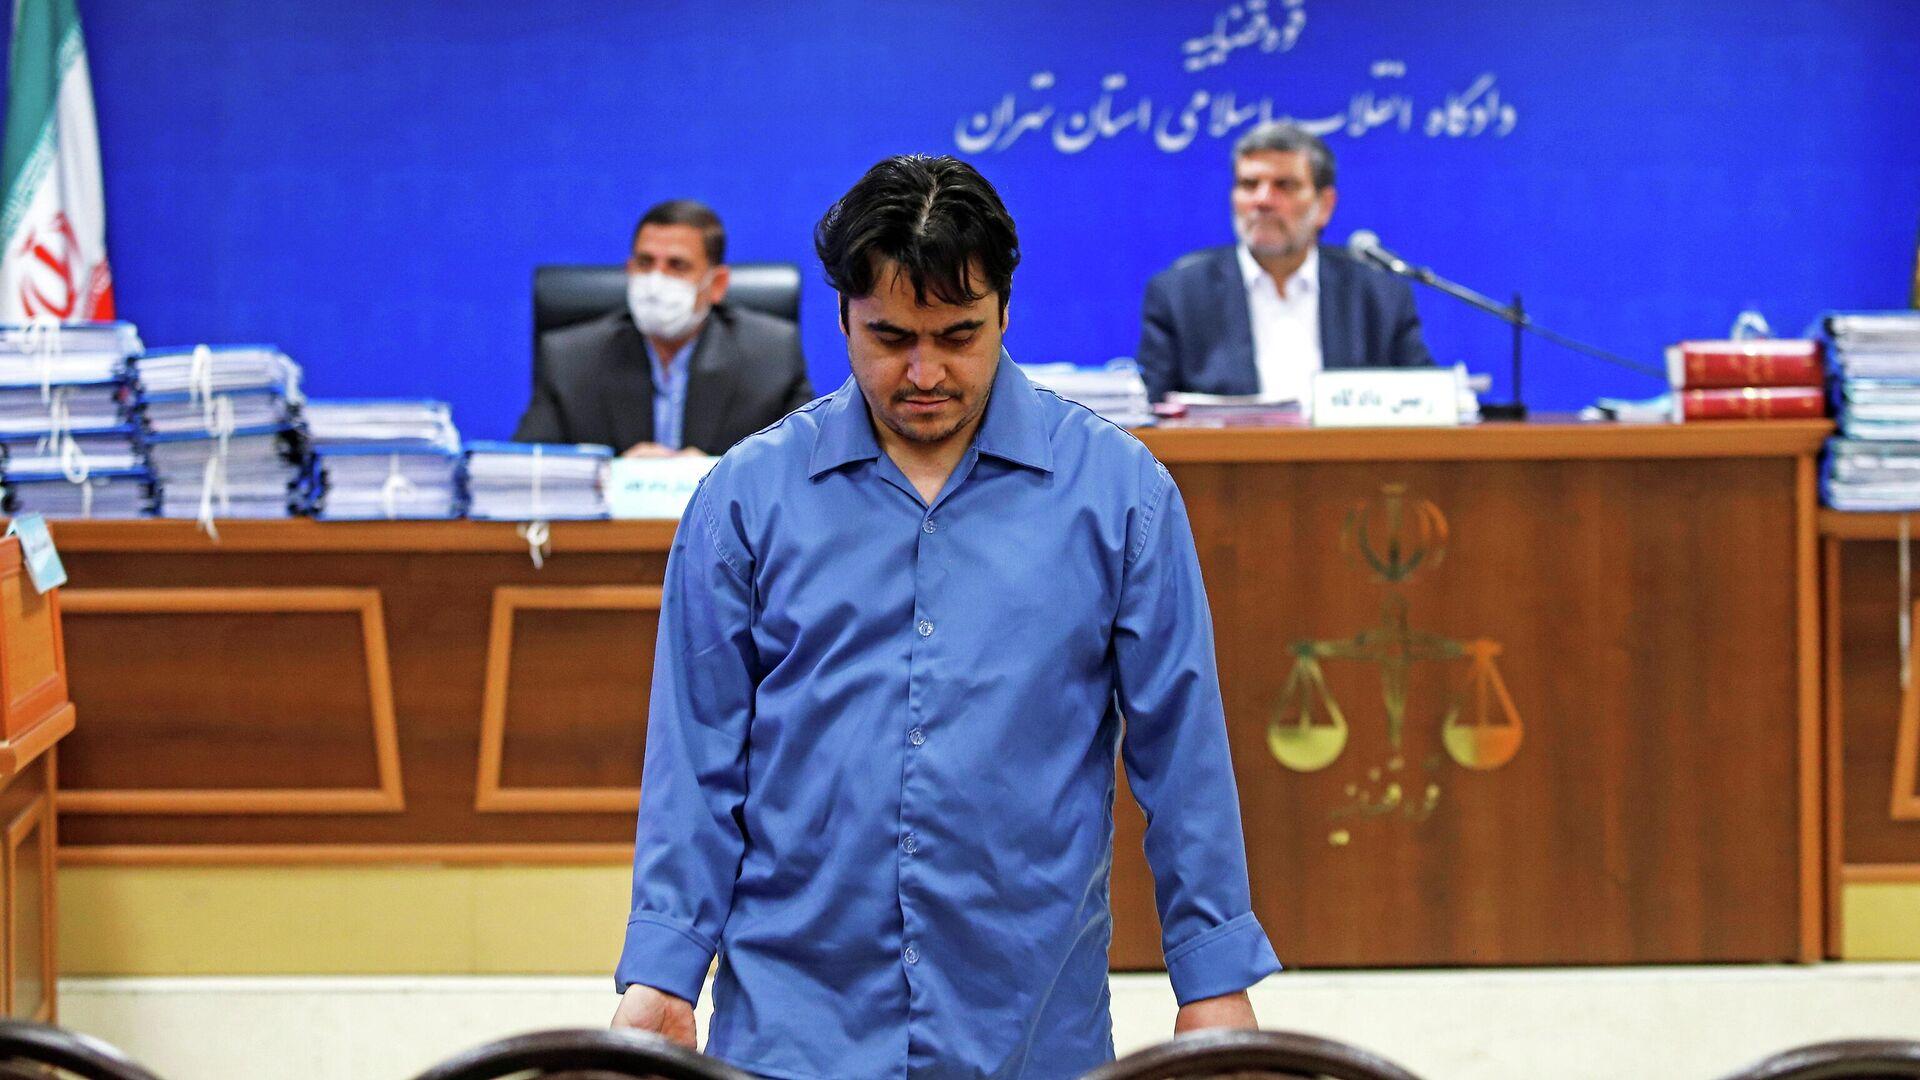 Руководитель новостного портала Амад Ньюз Рухолла Зам в зале суда в Тегеране, Иран. 2 июня 2020 - РИА Новости, 1920, 12.12.2020